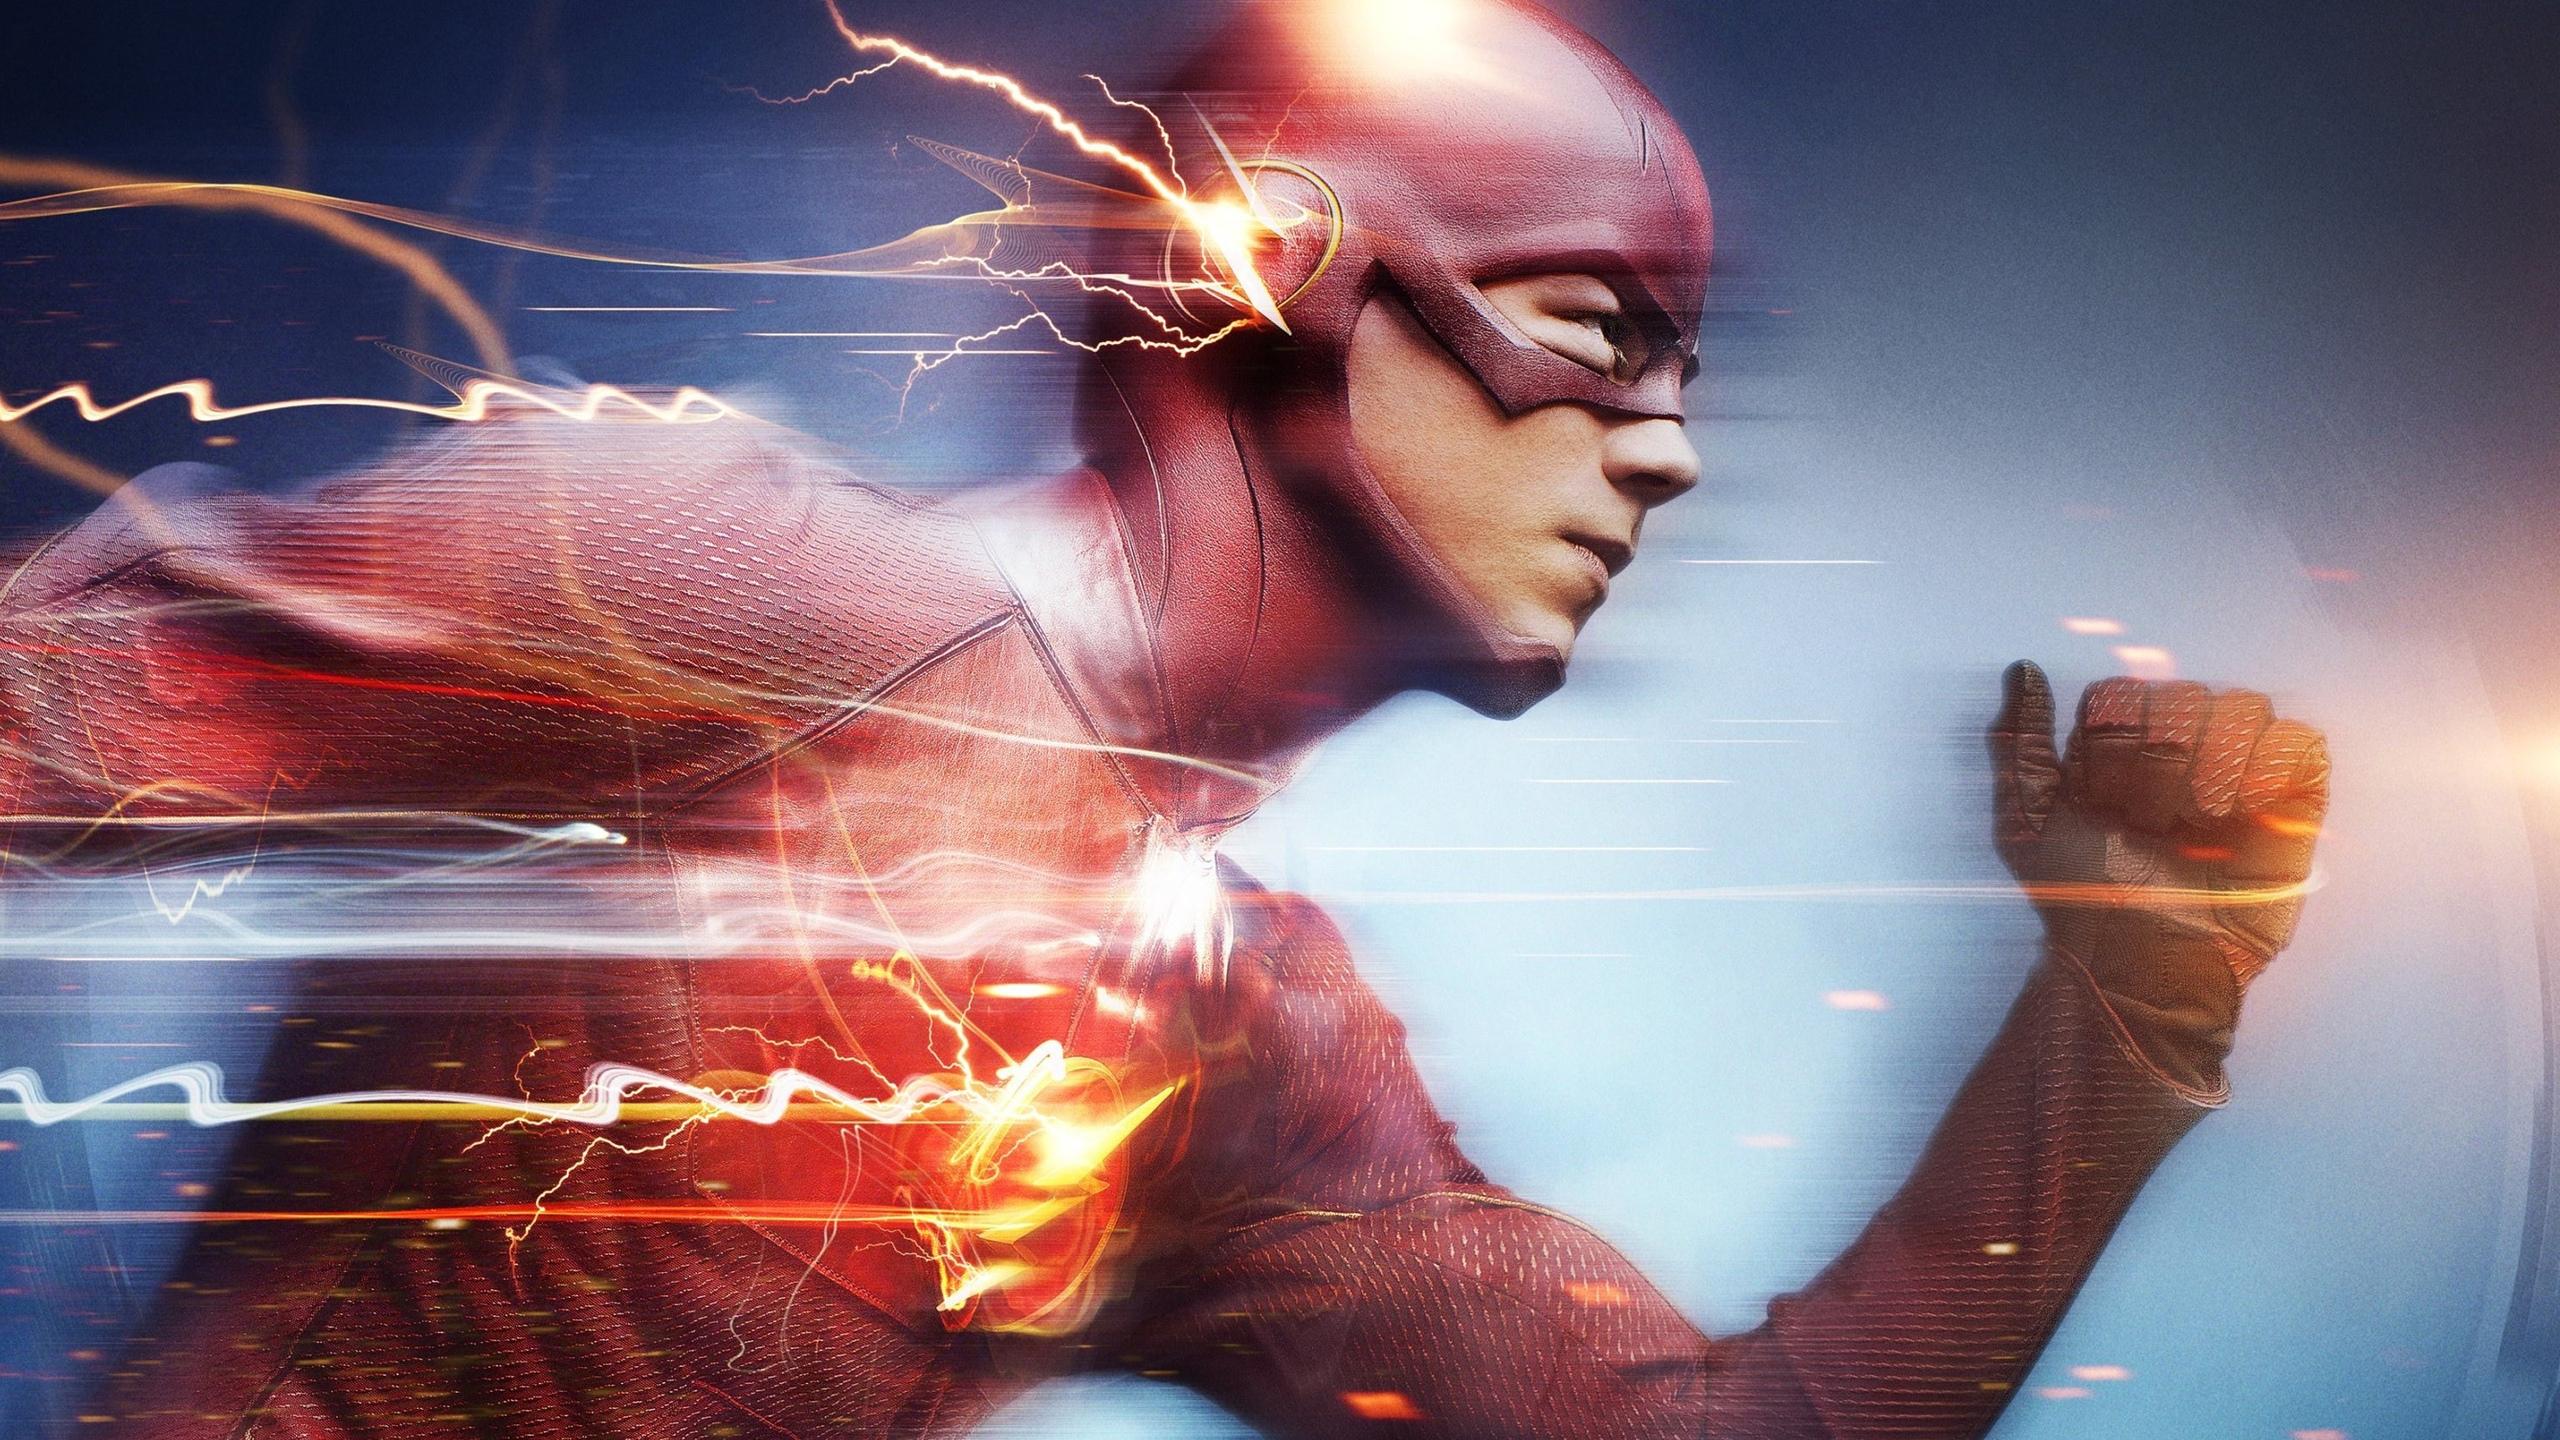 Barry Allen The Flash Hd Wallpaper Wallpaperfx